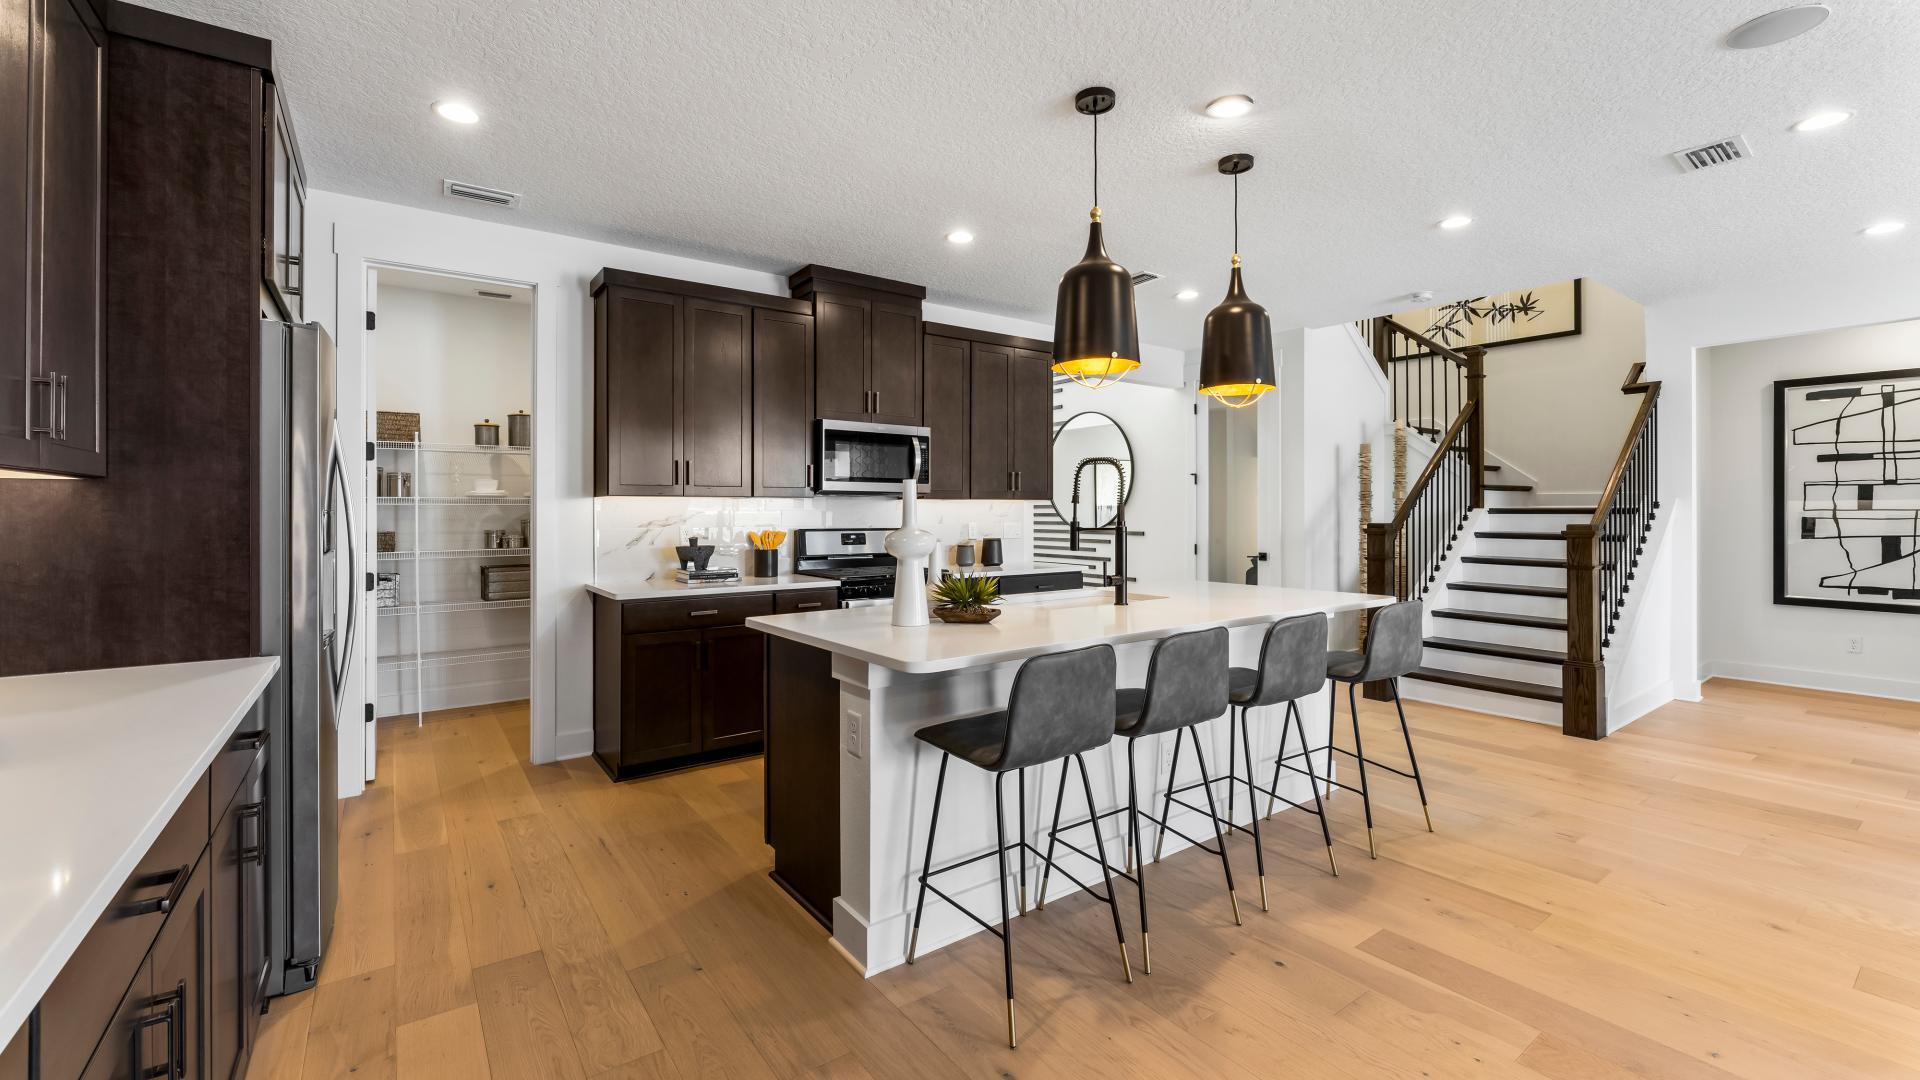 Spacious kitchen perfect for entertaining